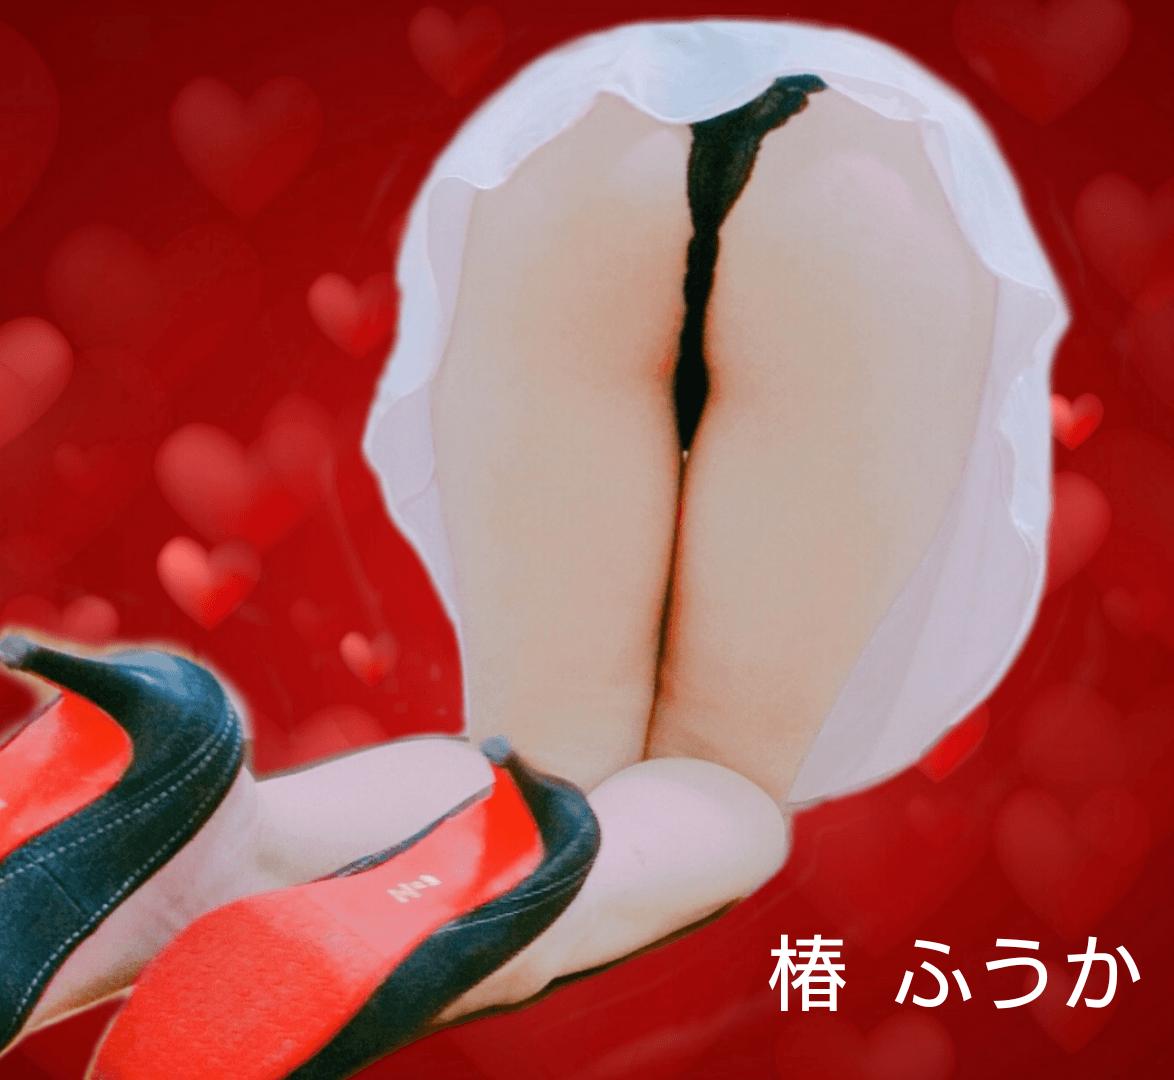 「ふうか 新・回春マッサージ椿」06/24日(日) 10:42   ふうかの写メ・風俗動画